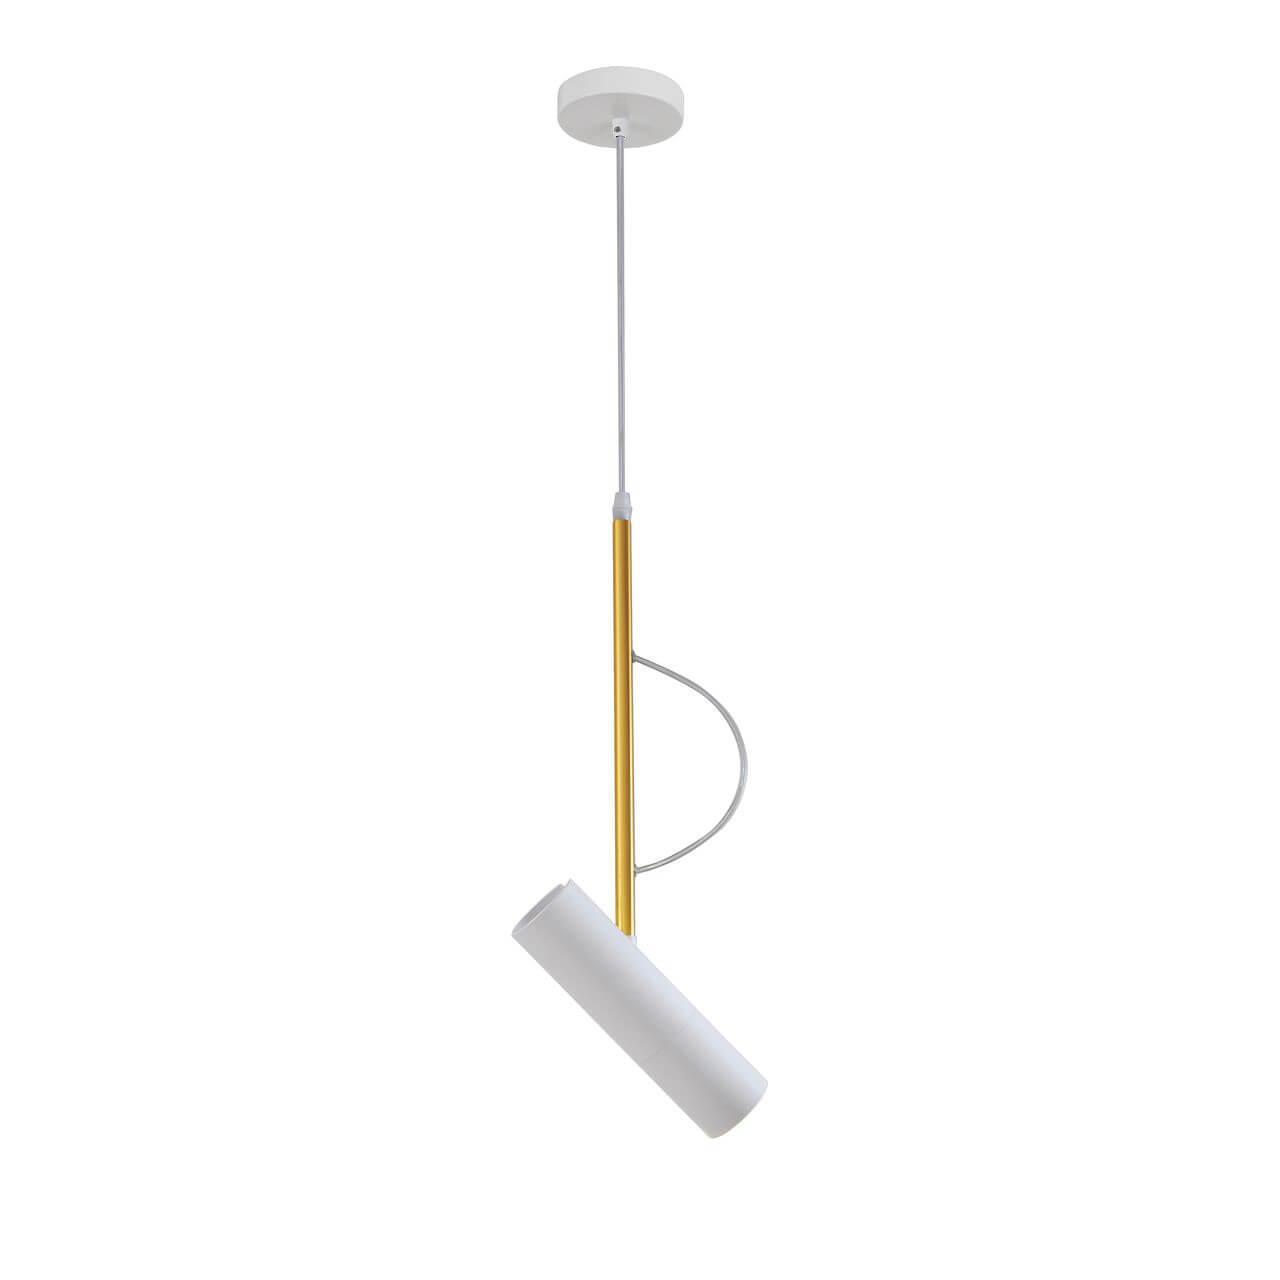 Подвесной светодиодный светильник Favourite Tube 2108-1P подвесной светодиодный светильник favourite tube 2107 1p